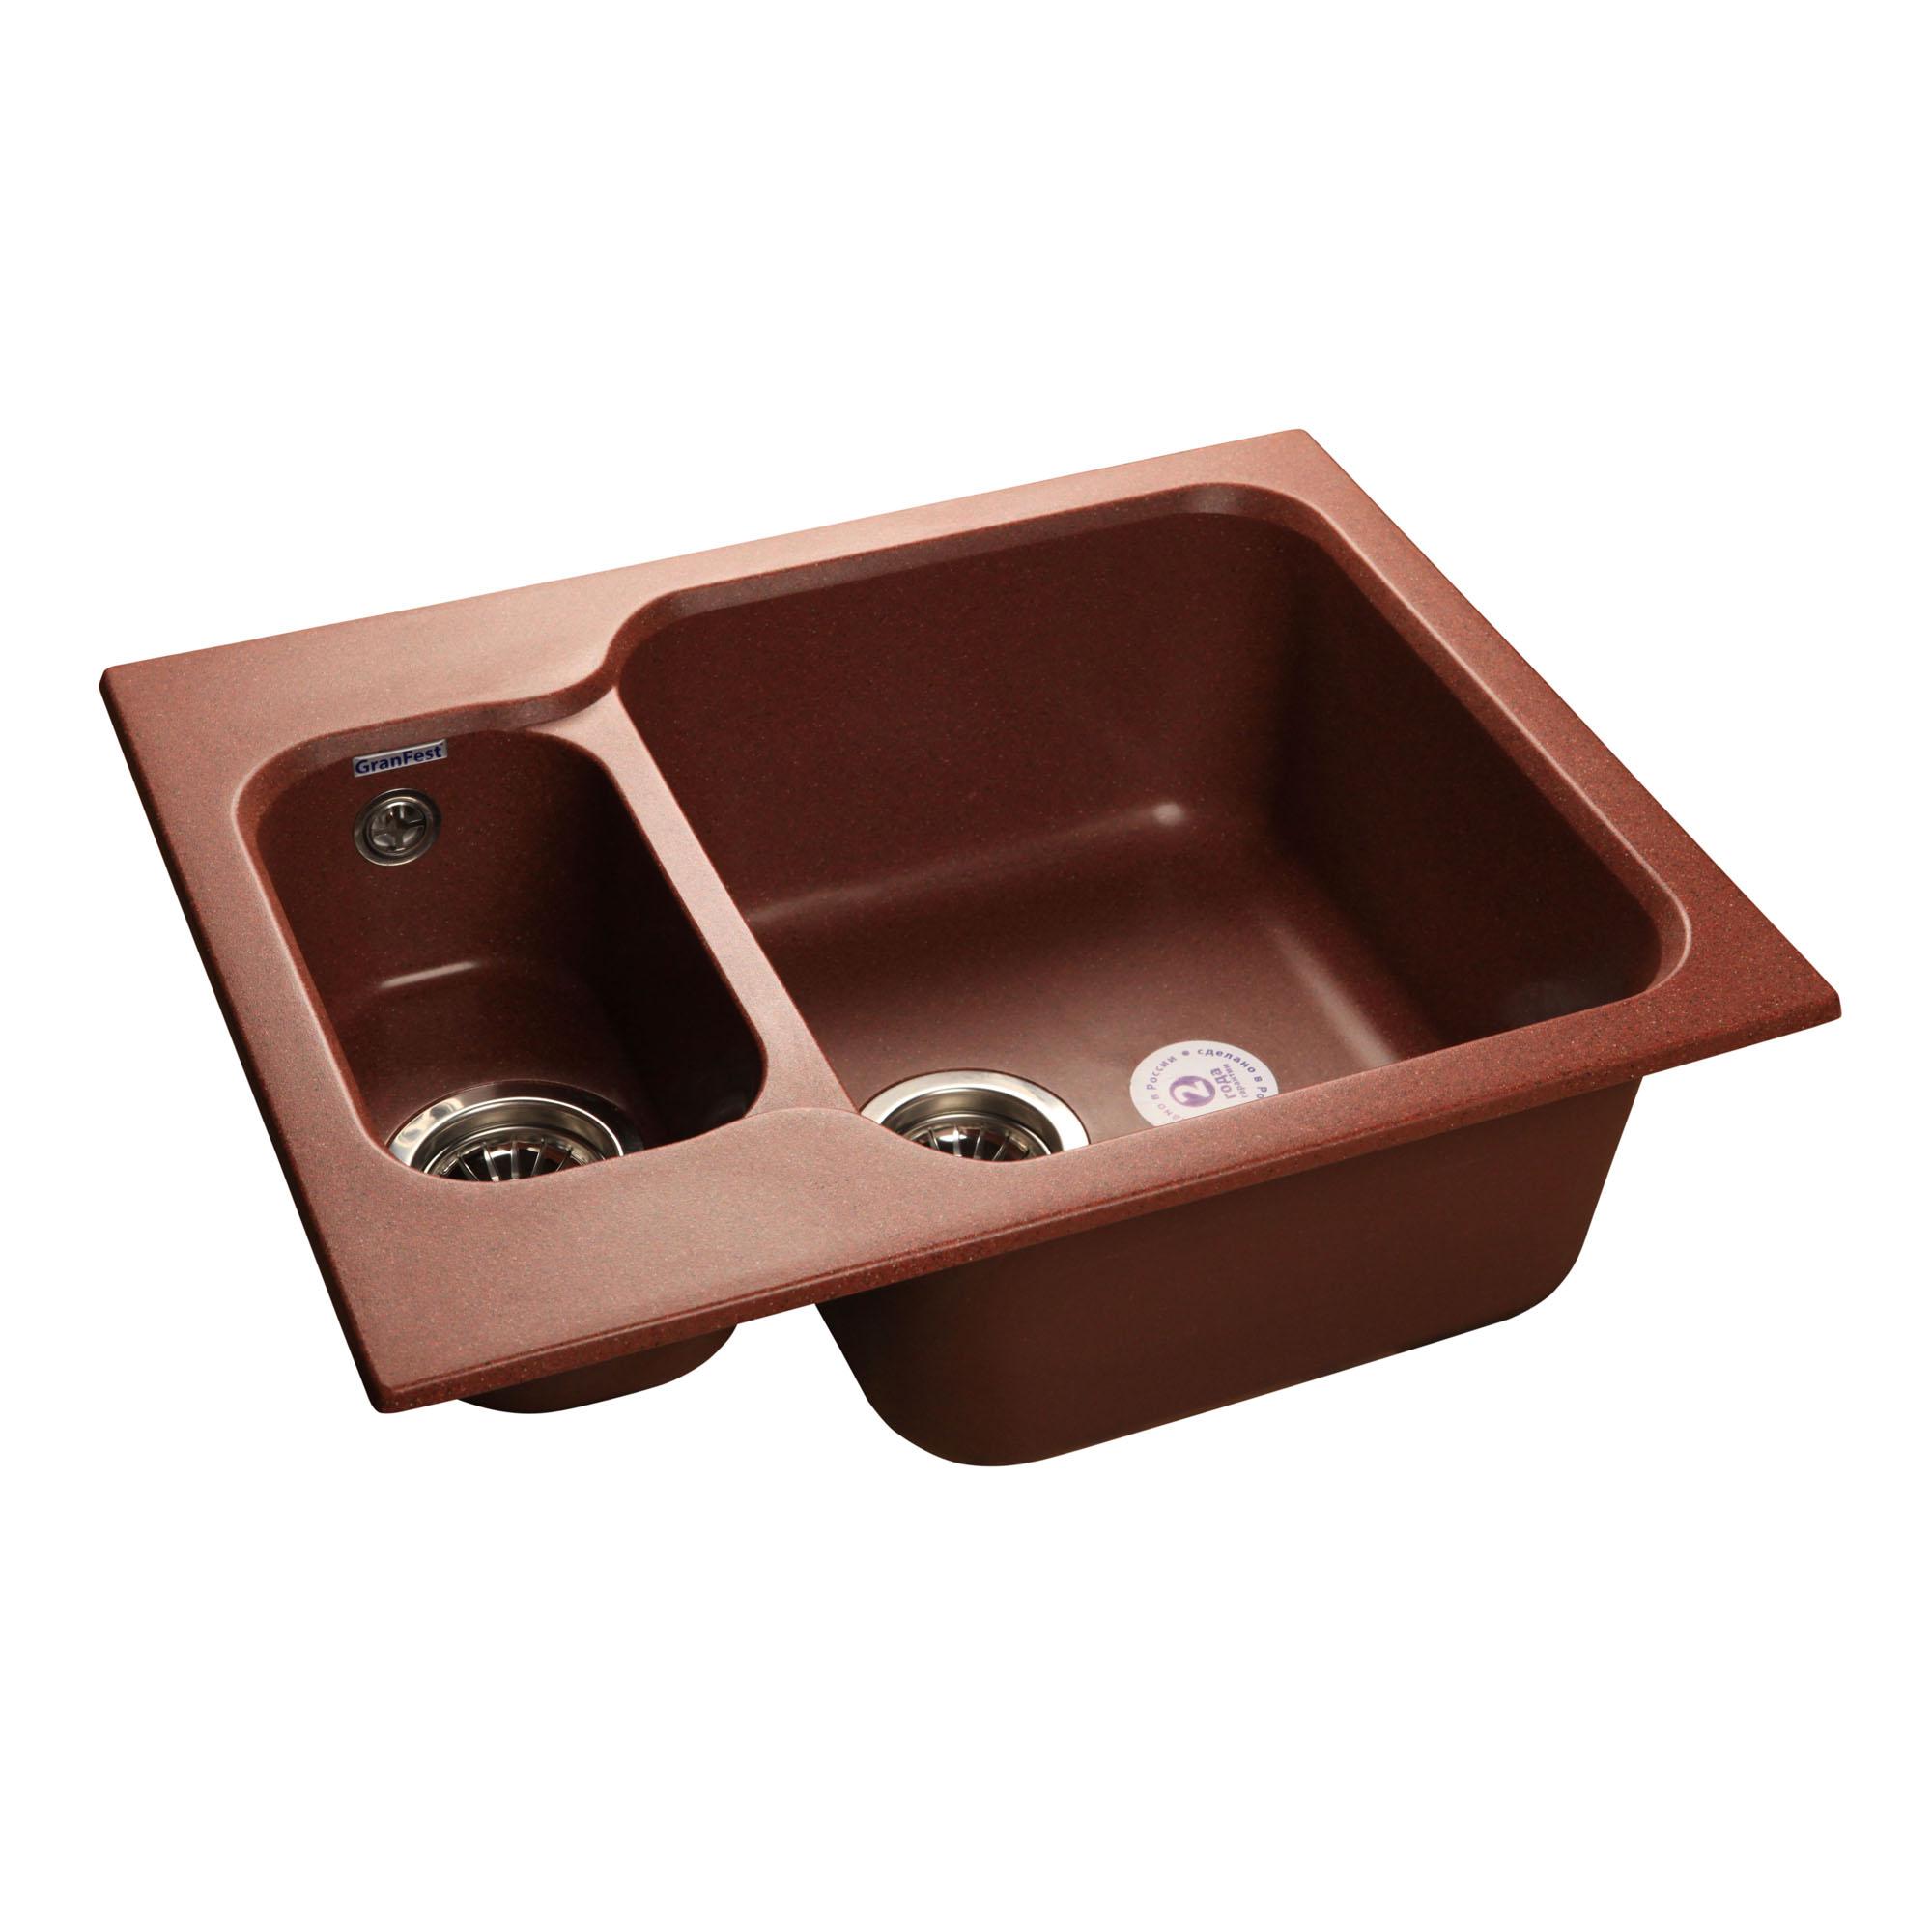 Кухонная мойка GranFest Standart GF-S615K красный марс мойка кухонная granfest гранит 615x500 gf s615k терракот